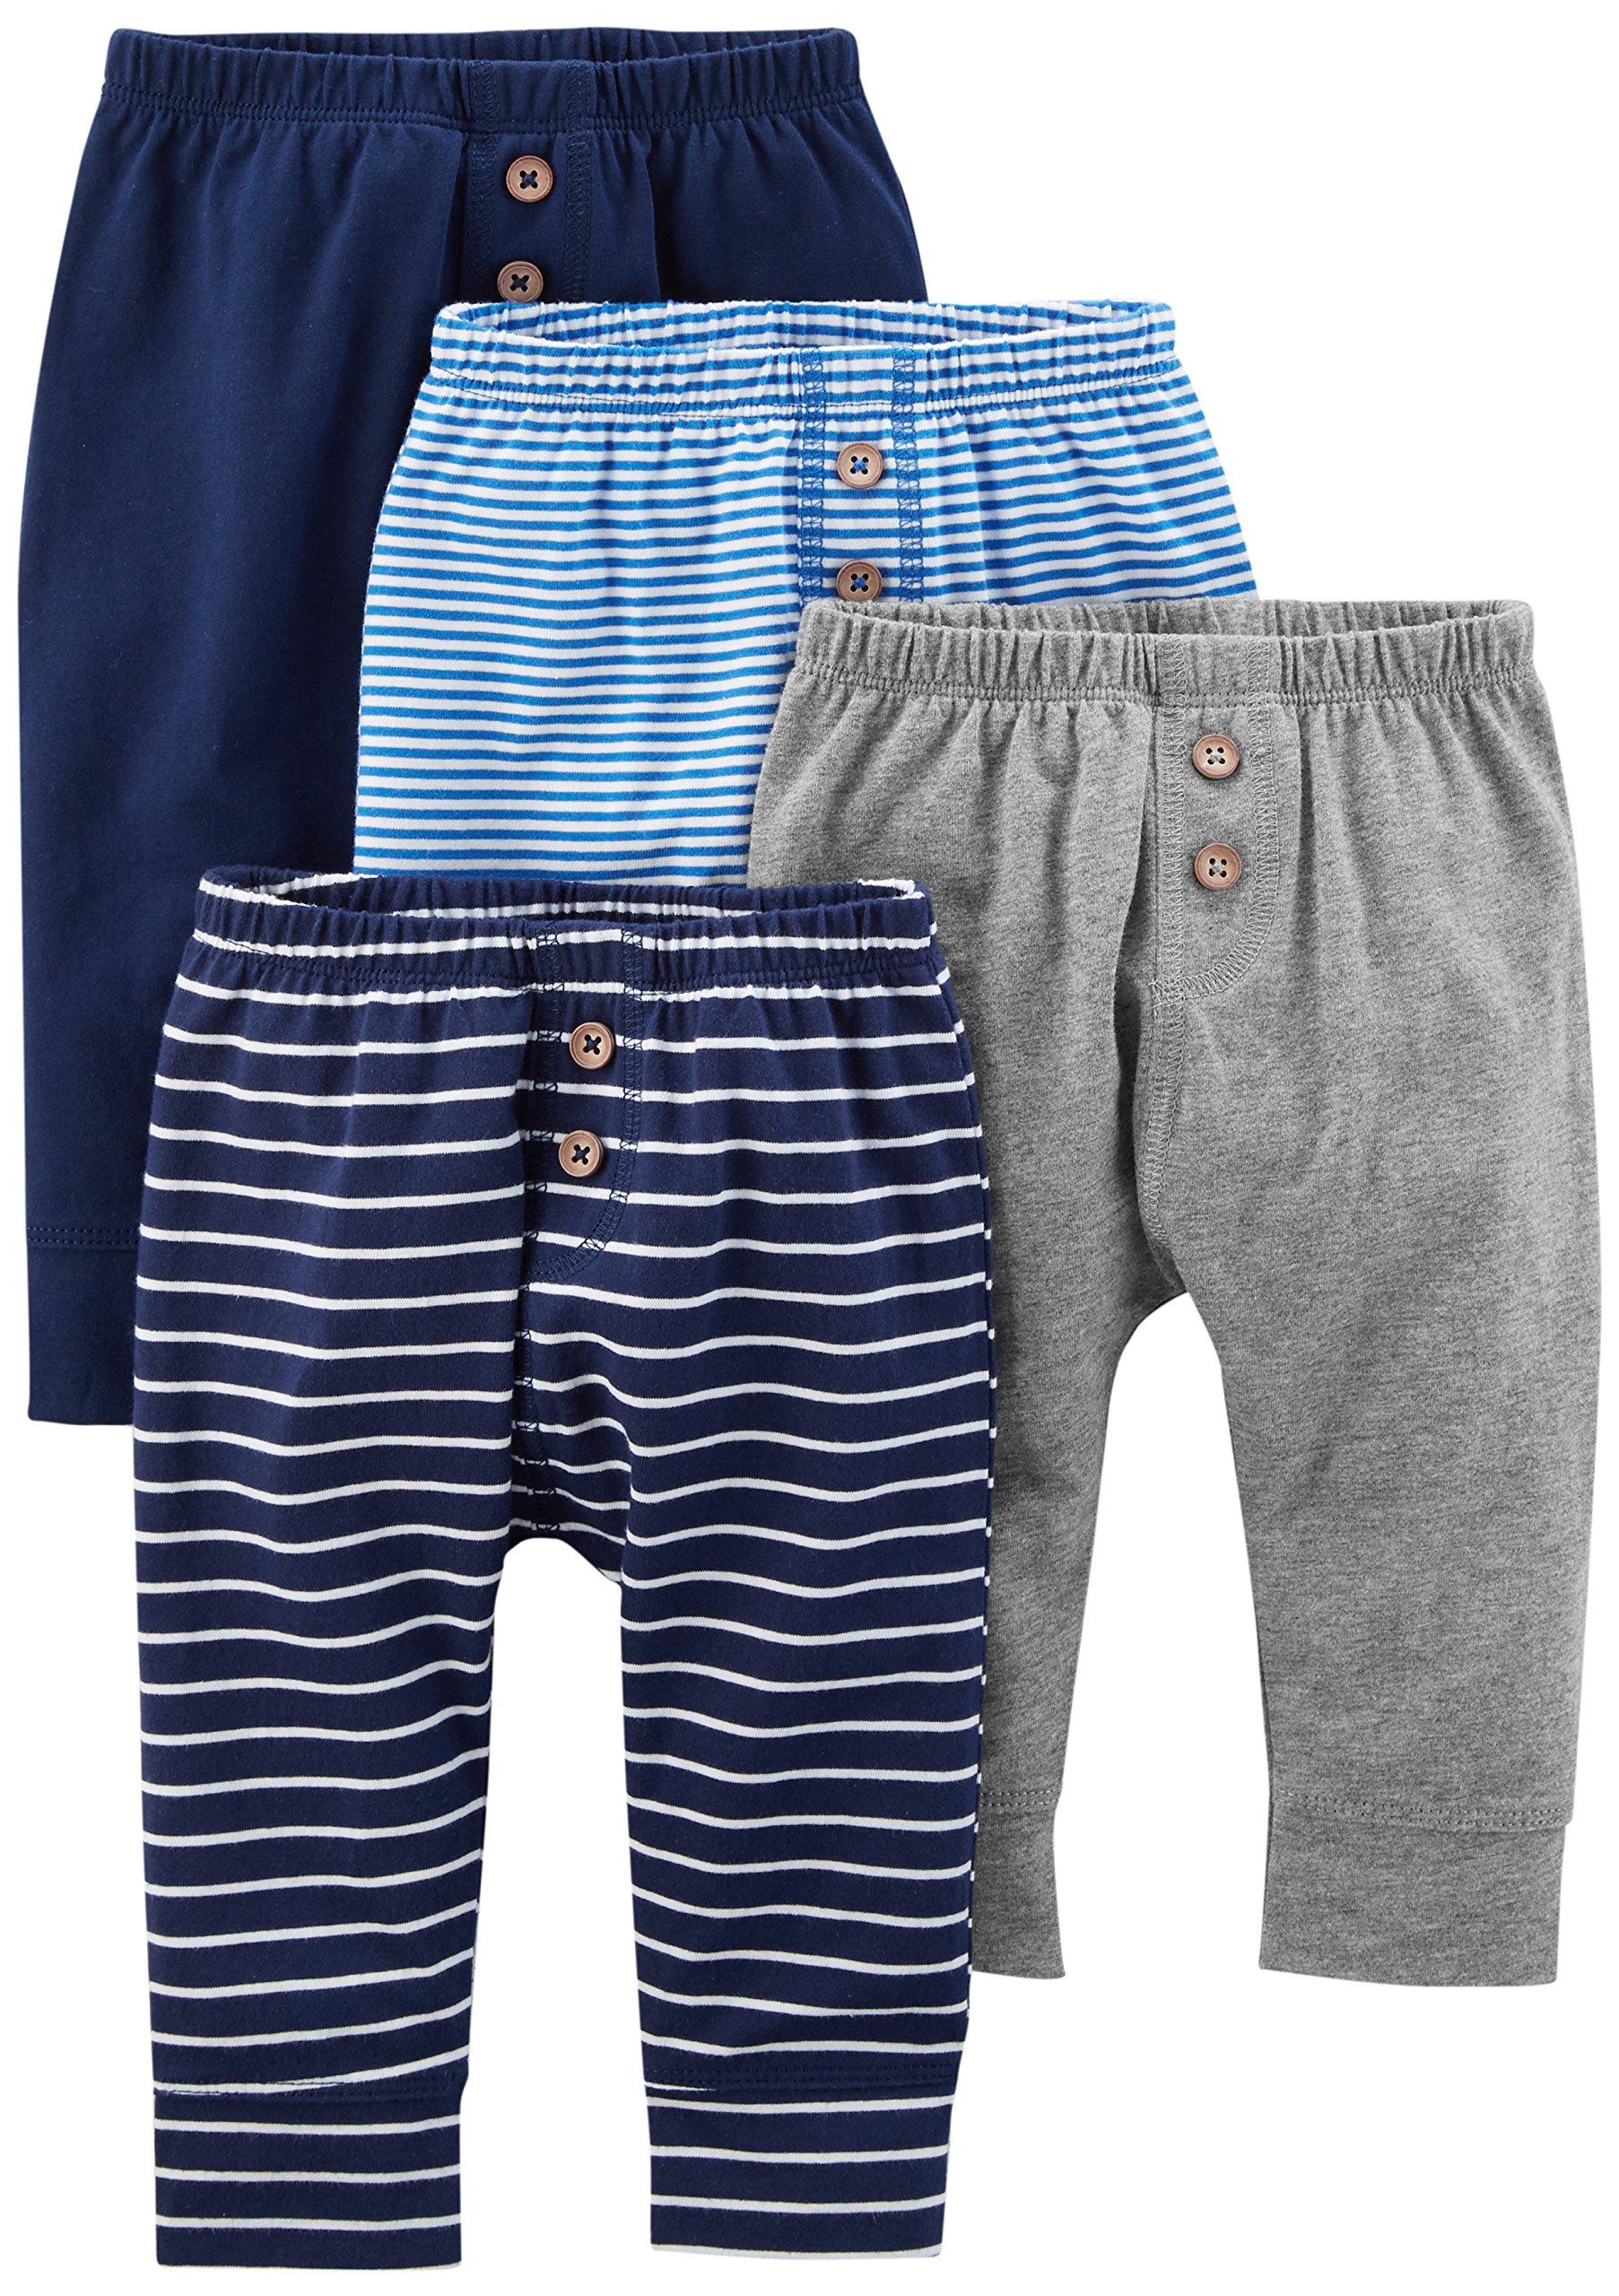 Simple Joys by Carter's pantalón para bebé, paquete de 4 1